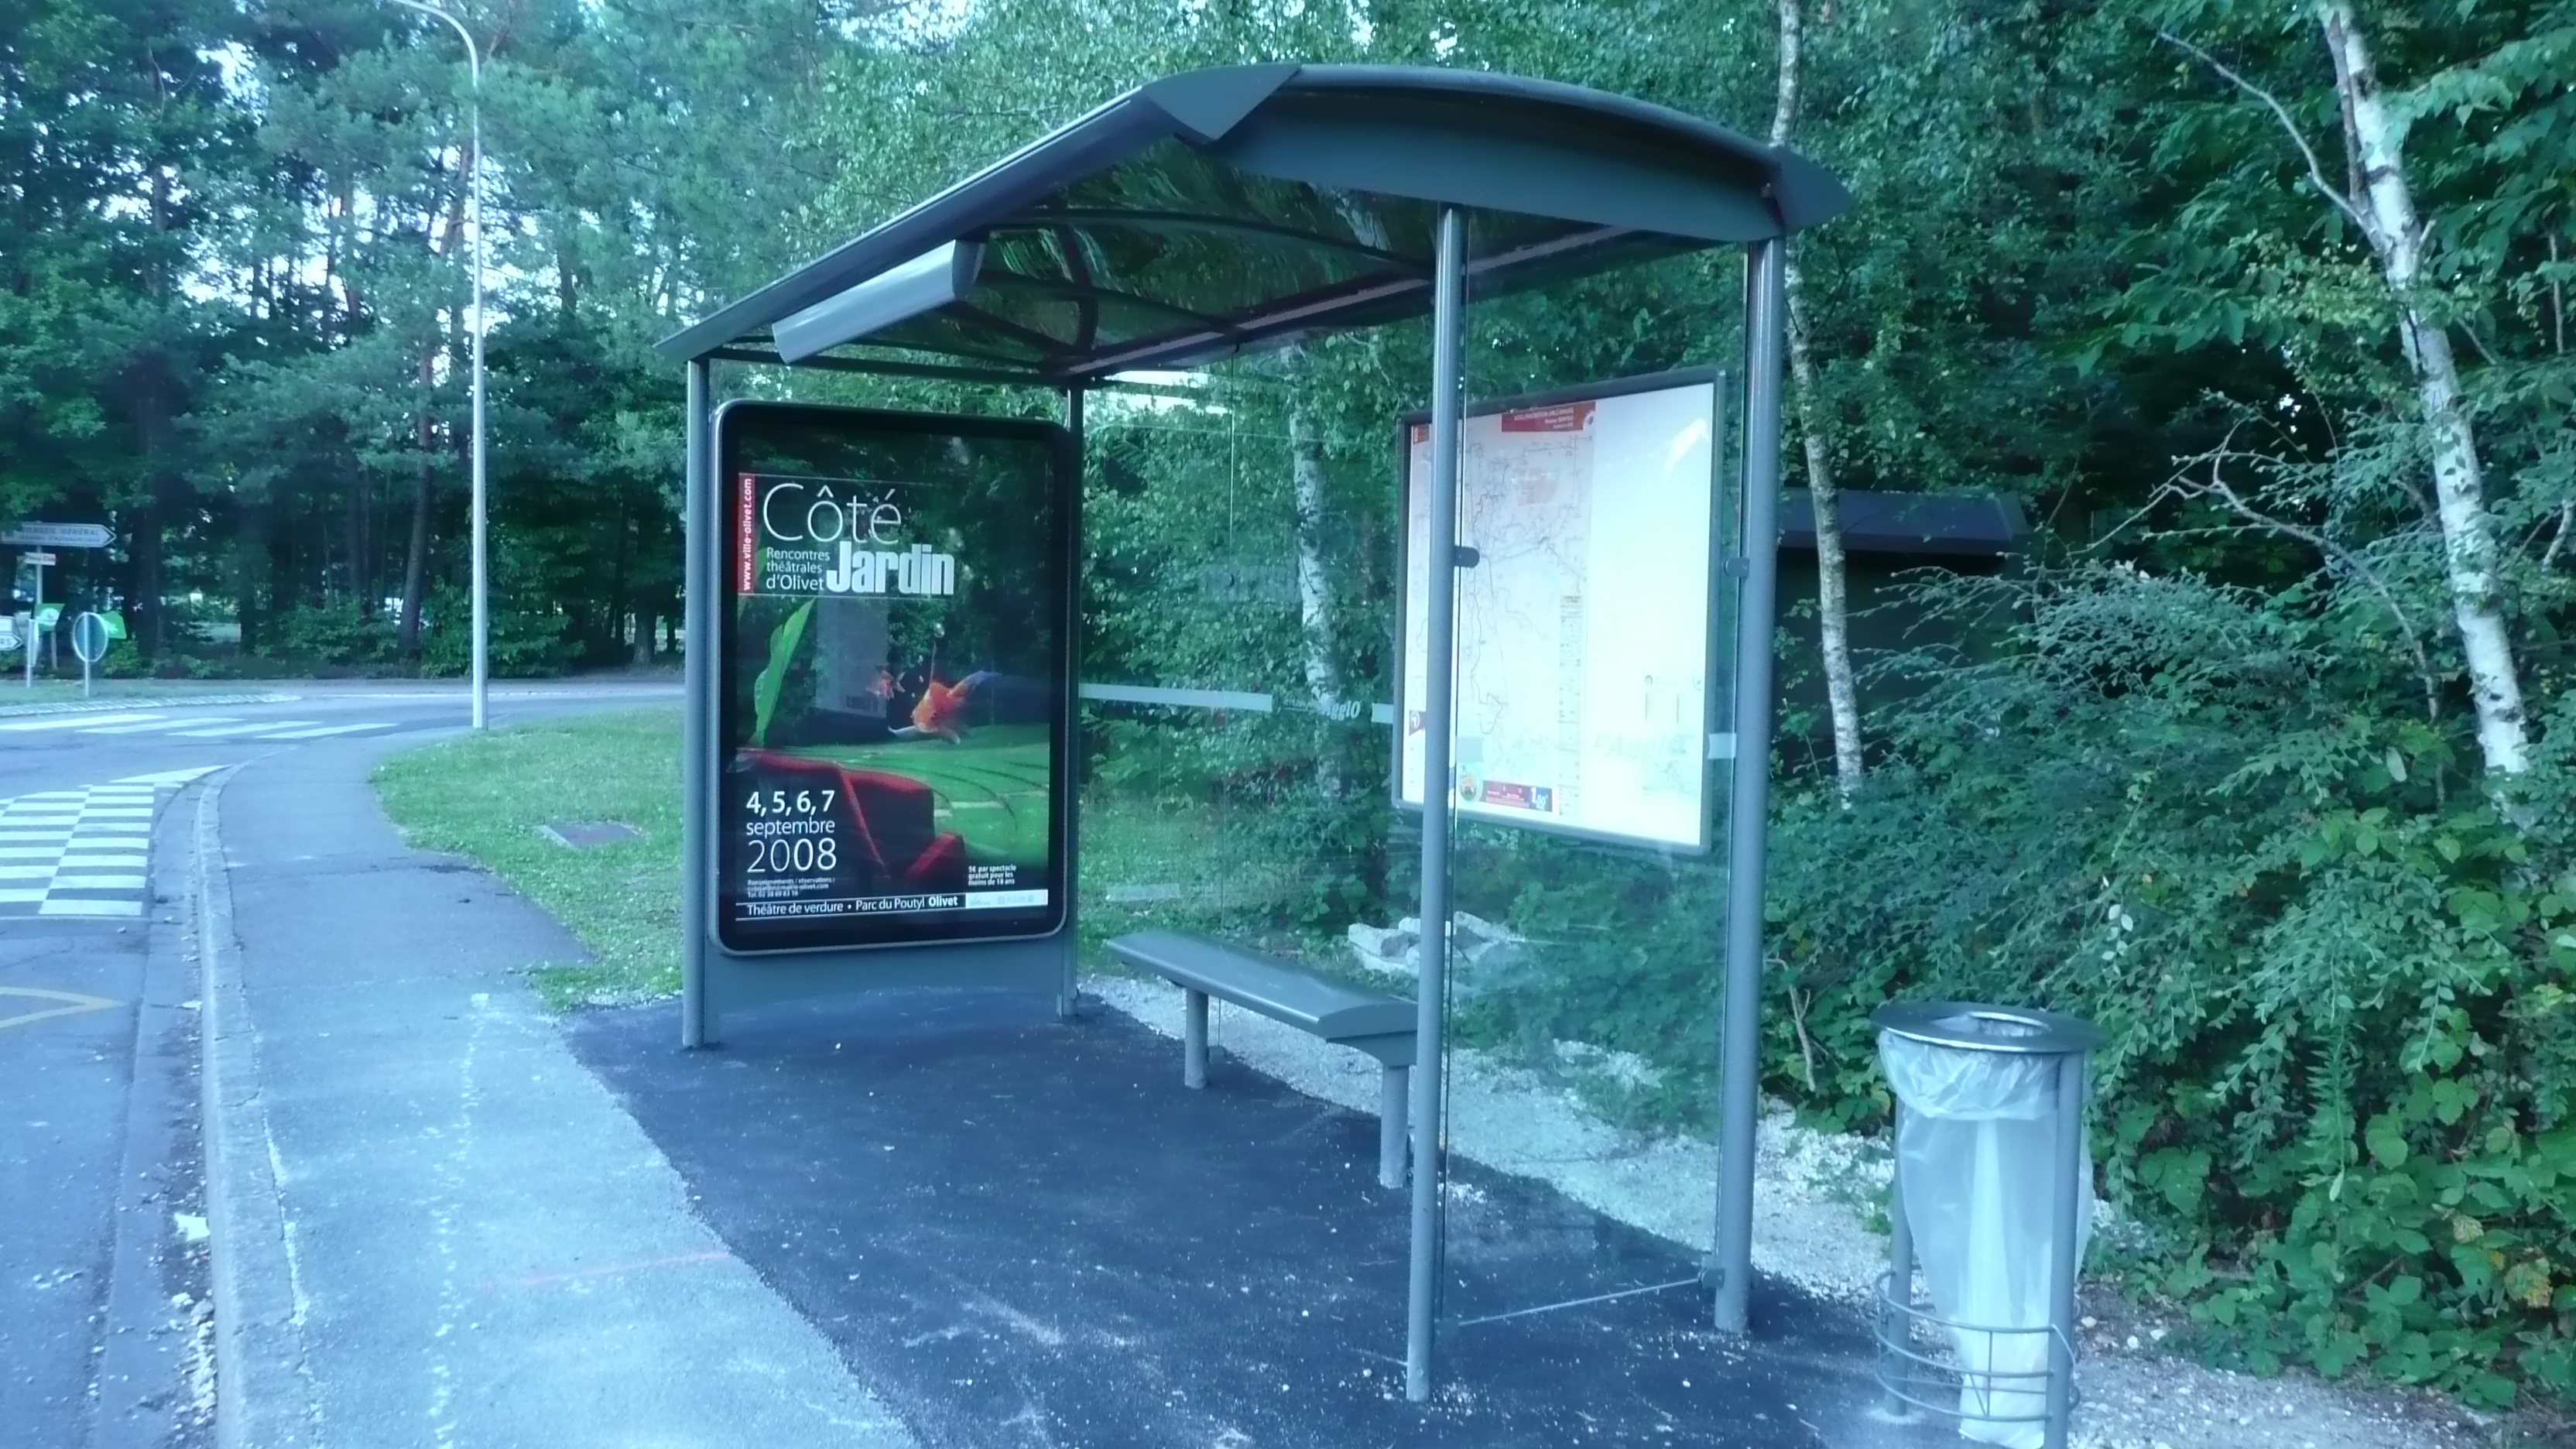 abri bus tout a pour a ou ils sont devenus tout. Black Bedroom Furniture Sets. Home Design Ideas